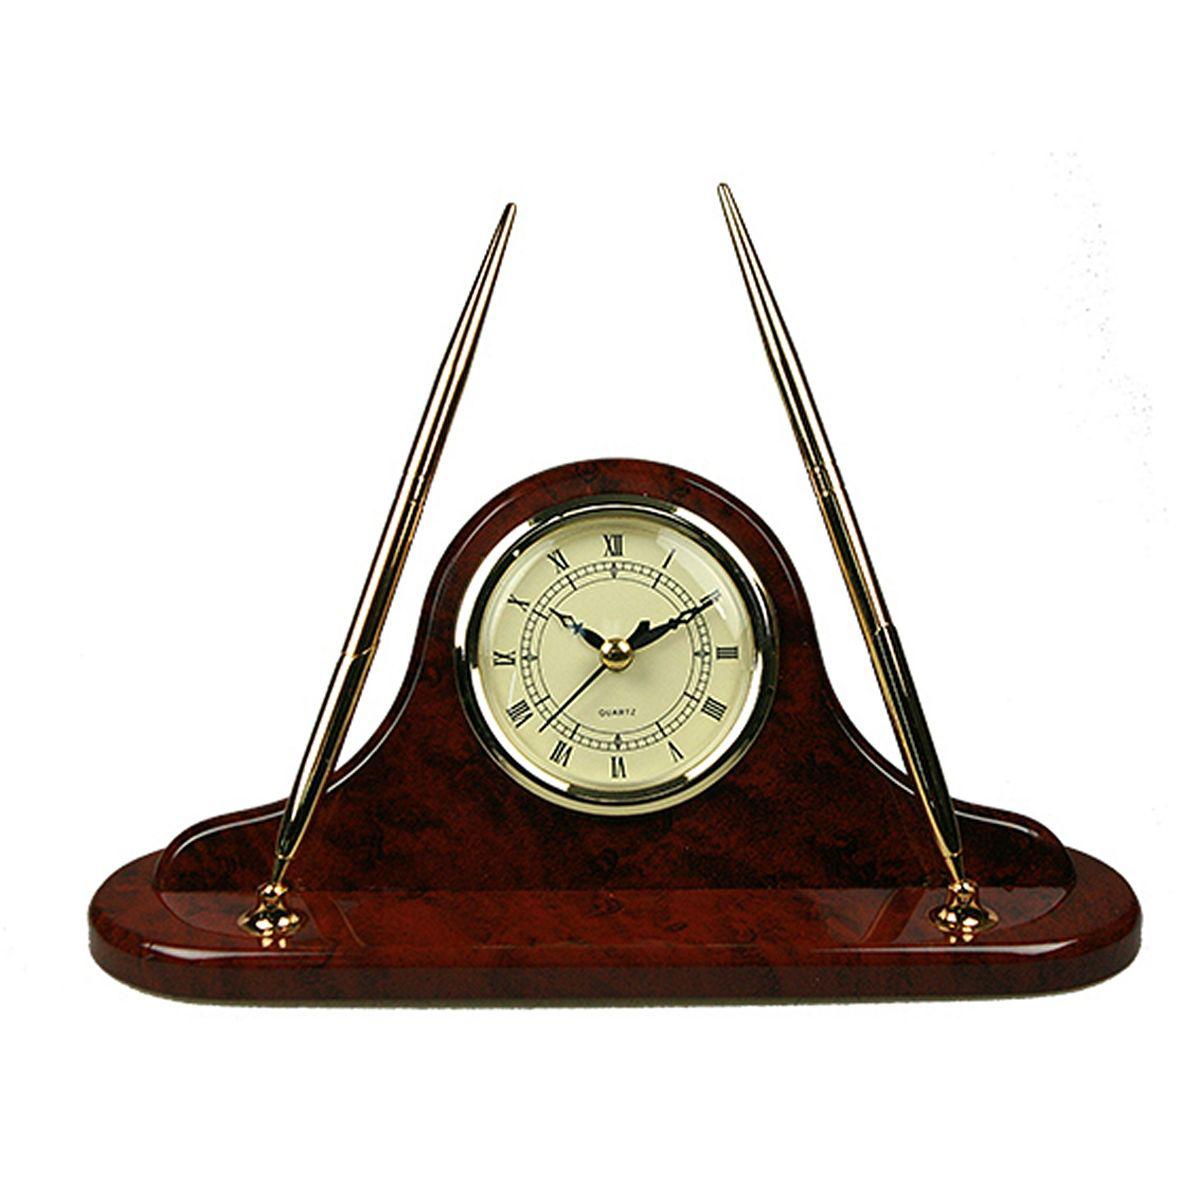 Часы настольные Русские Подарки Brigant, с ручкой, 27 х 13 х 8 см. 2815228152Настольные кварцевые часы Русские Подарки Brigant изготовлены из МДФ, циферблат защищен стеклом. В корпусе удобно расположены держатели для двух шариковых ручек. Часы имеют три стрелки - часовую, минутную и секундную. Такие часы красиво и необычно оформят интерьер дома или рабочий стол в офисе. Также часы могут стать уникальным, полезным подарком для родственников, коллег, знакомых и близких.